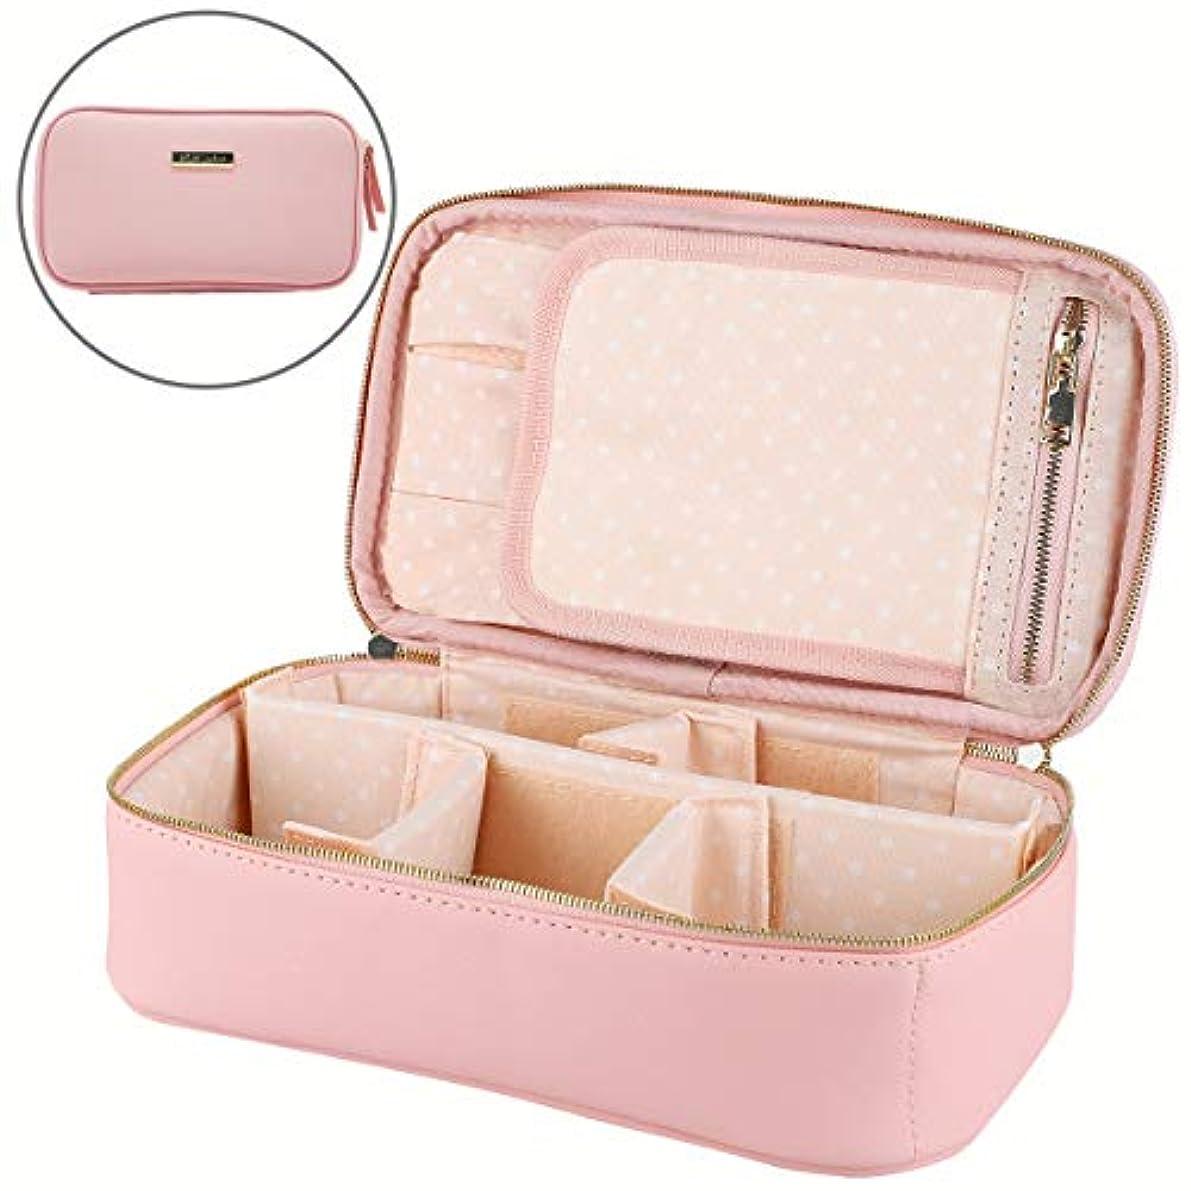 マネージャー勧告豊富にPUP Joint 化粧ポーチ メイクボックス 收納抜群 大容量 可愛い 化粧バッグ 可愛い 旅行 家用に大活躍な化粧箱